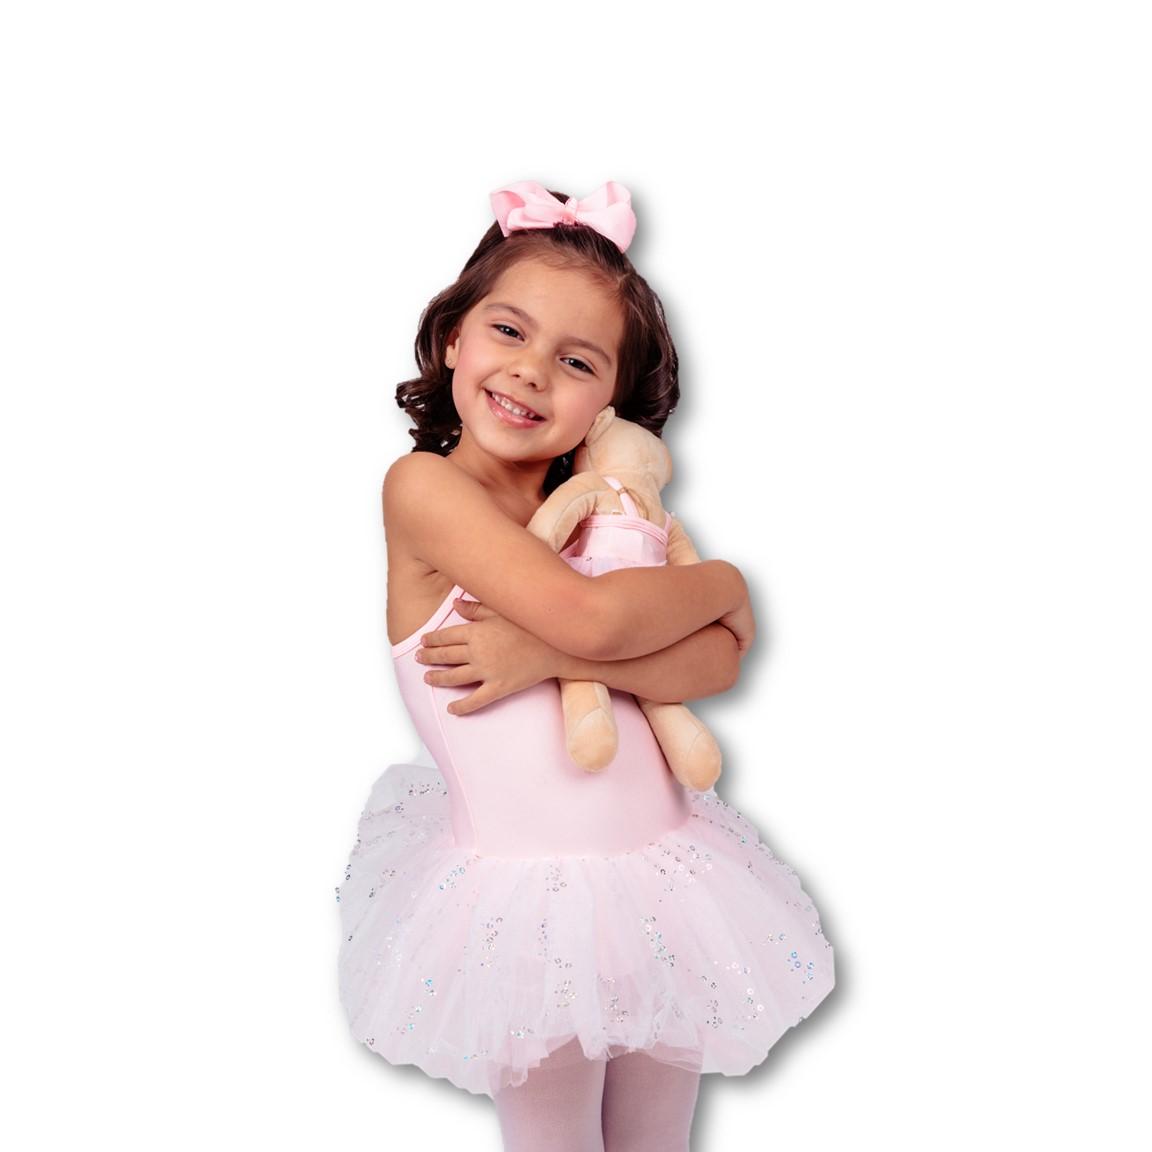 Summer Kids Dance Classes